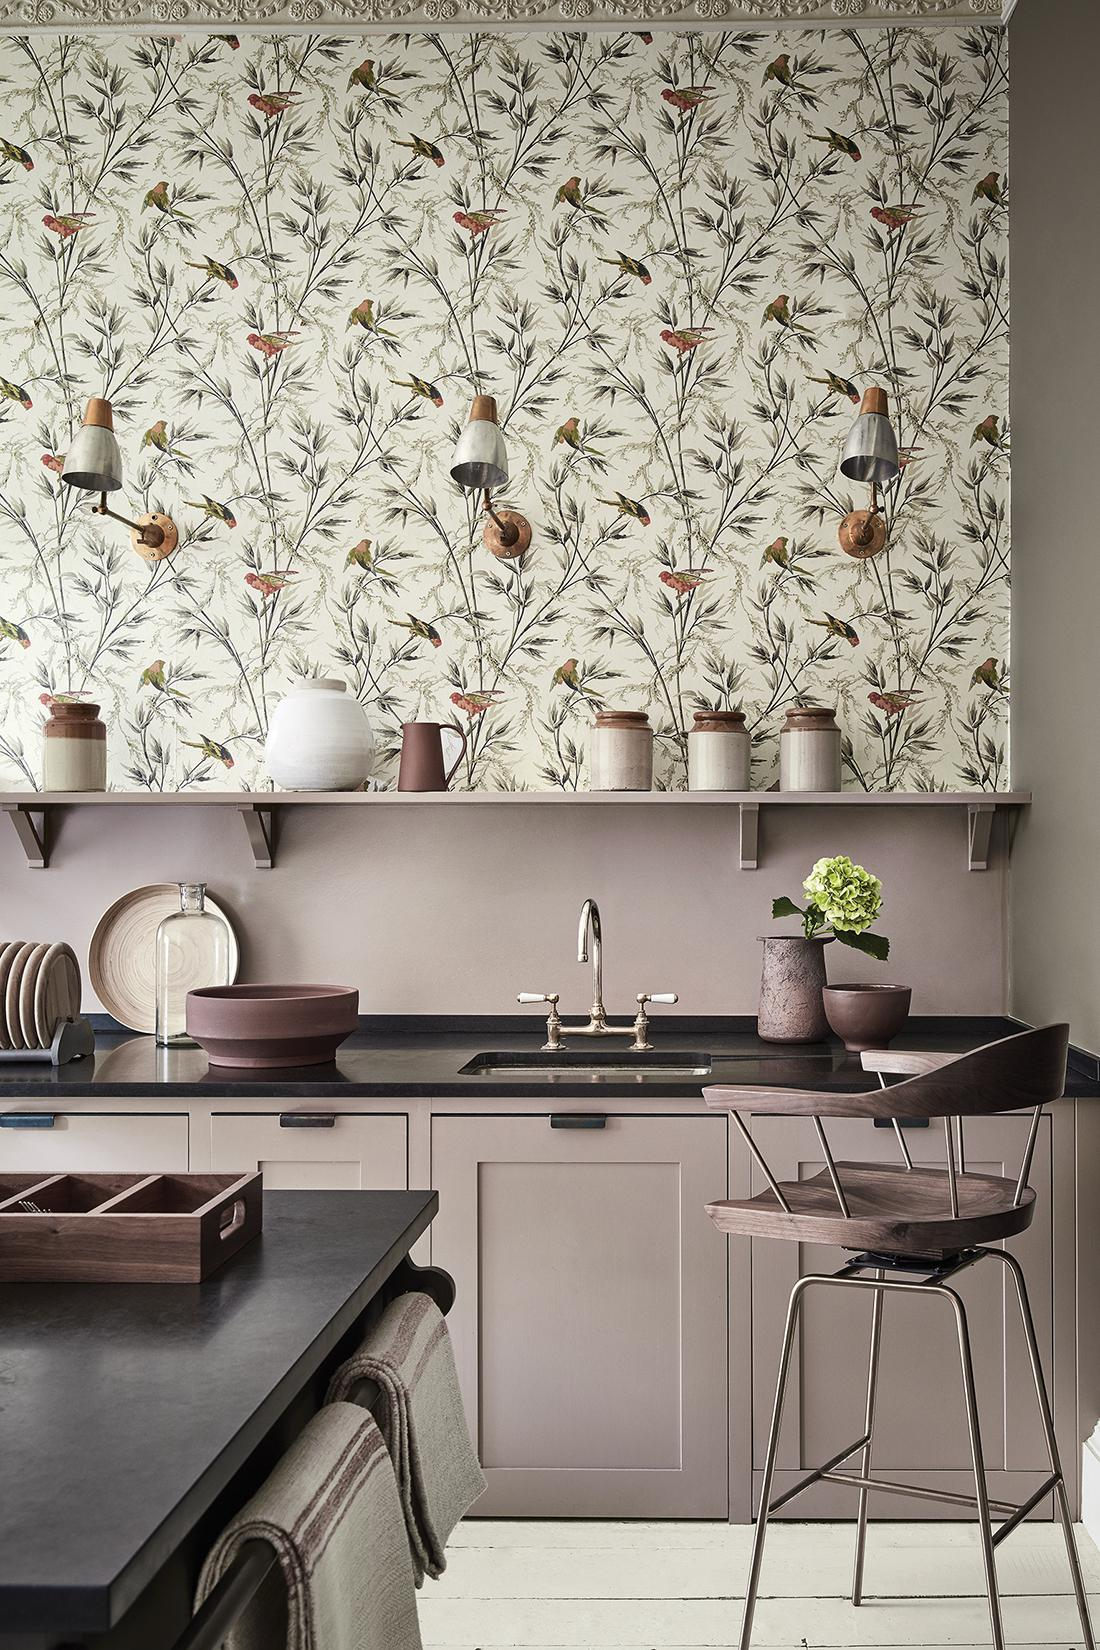 Full Size of Schöne Tapeten Für Küche Tapeten Für Küche Und Bad Abwaschbare Tapeten Für Küche Tapeten Für Küche Modern Küche Tapeten Für Küche